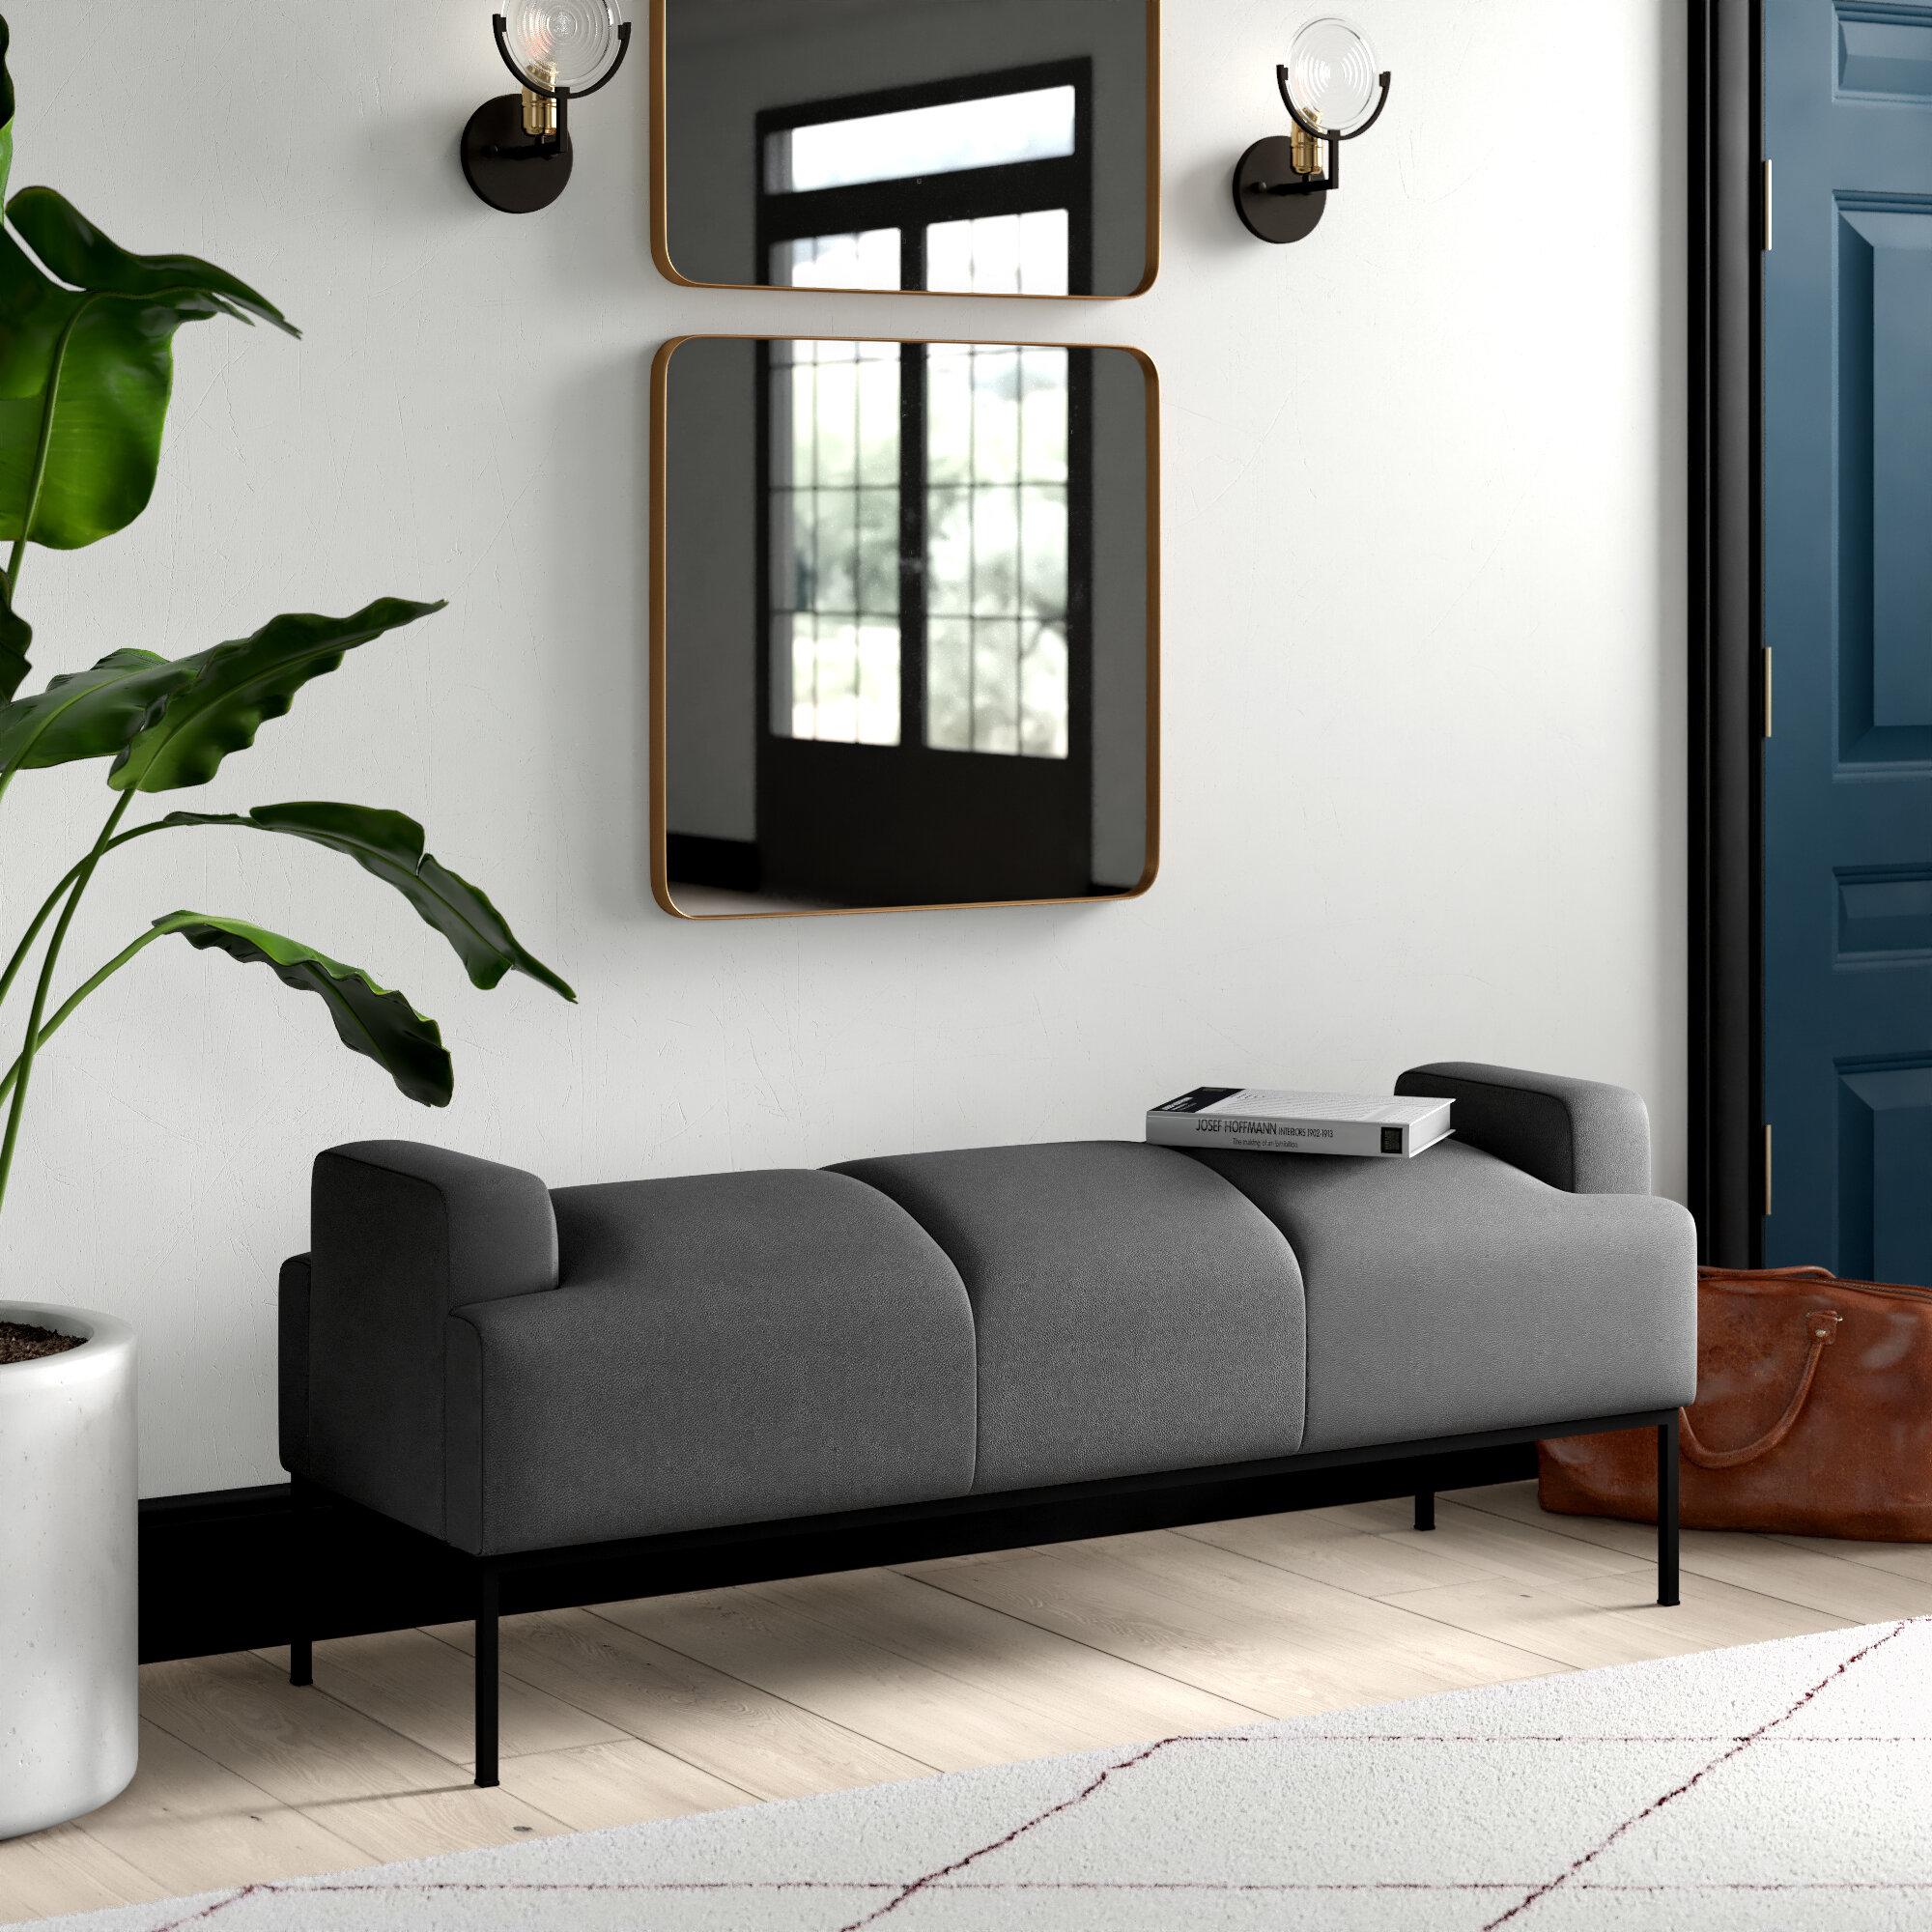 Outstanding Stickley Faux Leather Bench Inzonedesignstudio Interior Chair Design Inzonedesignstudiocom